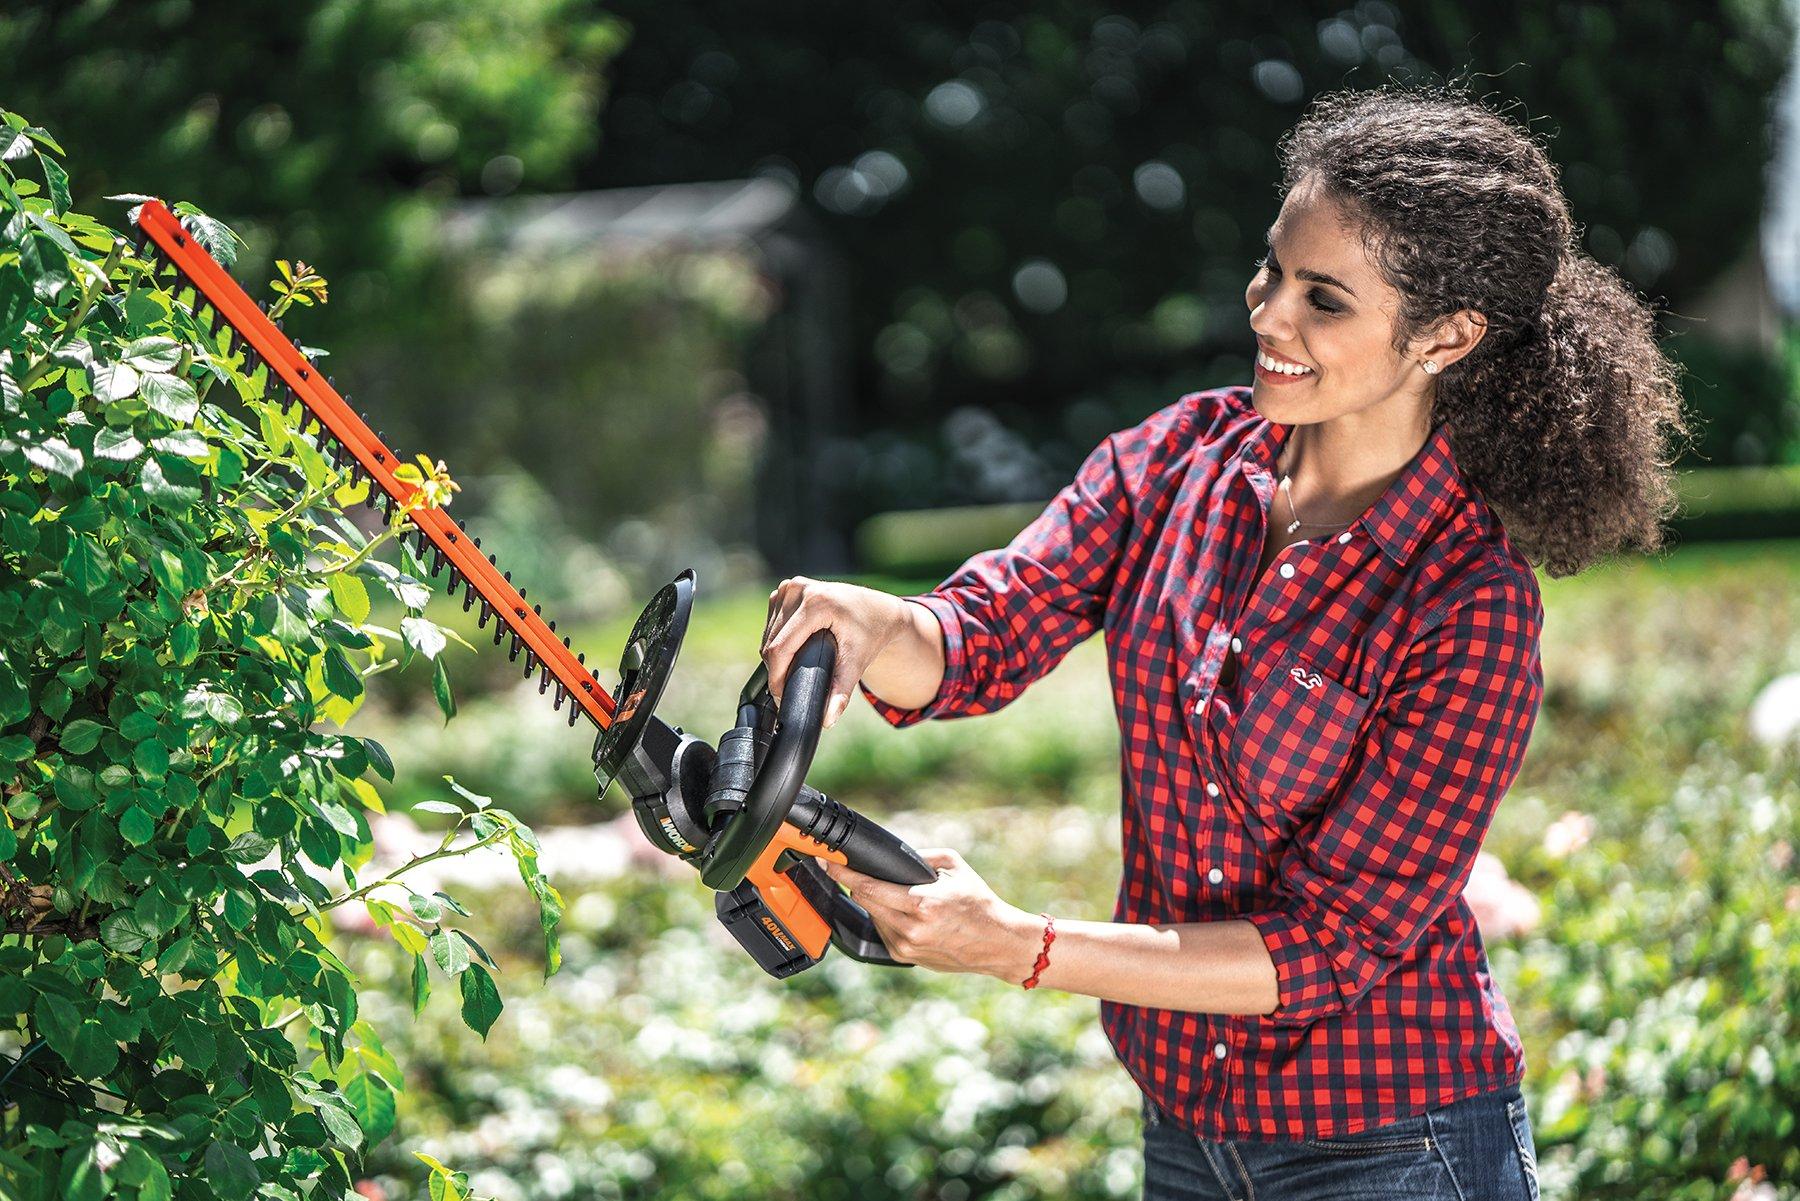 WORX 40V Hedge Trimmer